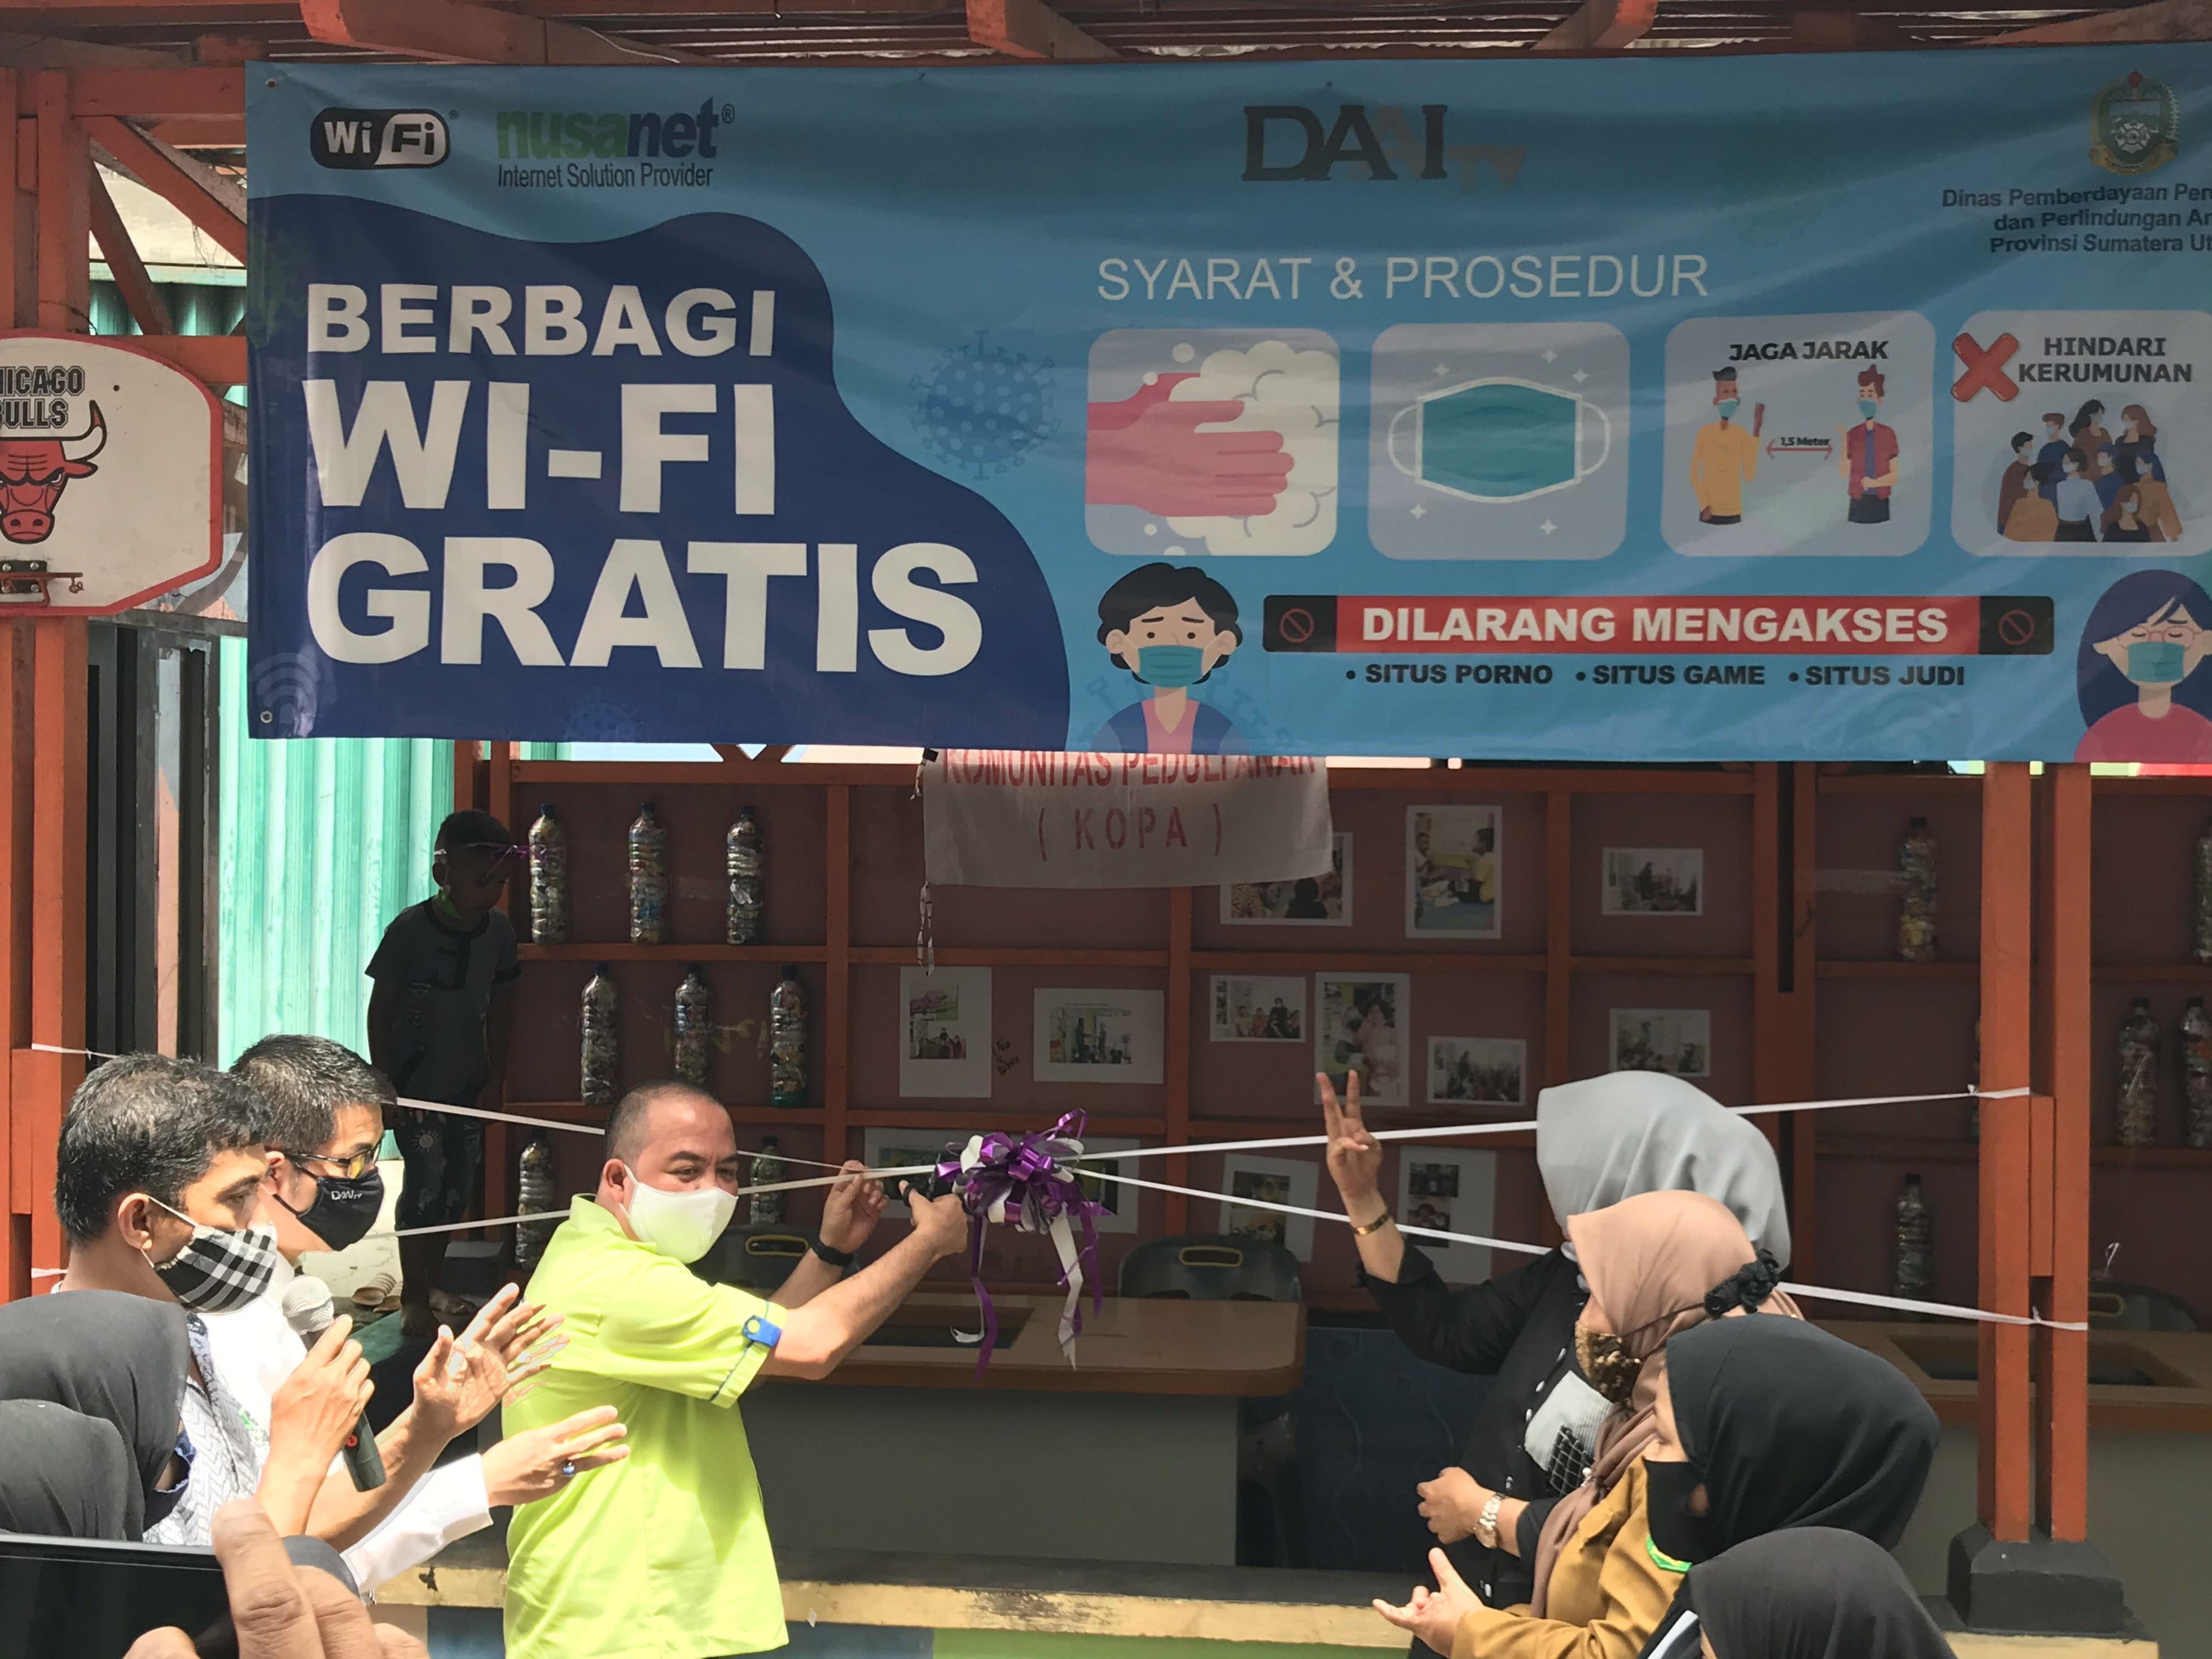 Event Peresmian Internet Gratis Kepada Komunitas Peduli Anak Di Medan Maimun